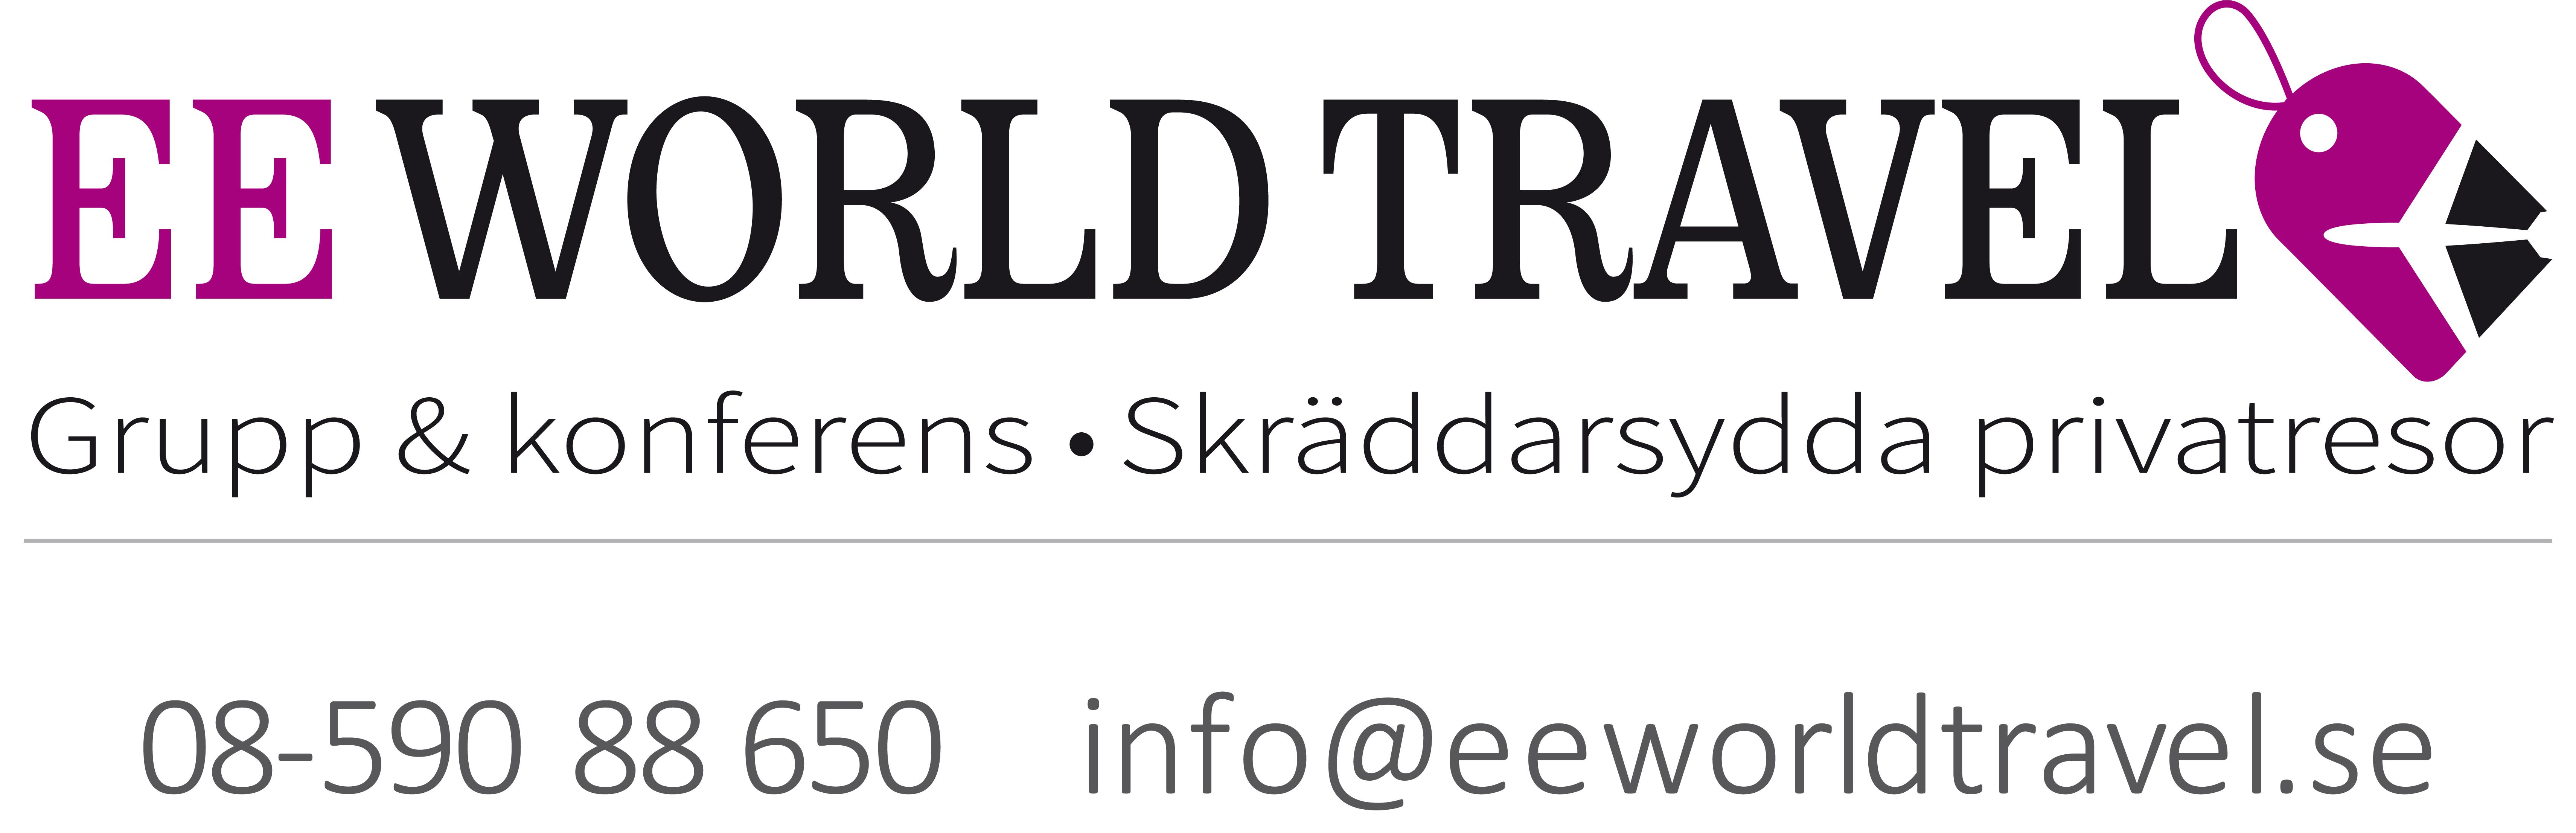 EE Worldtravel_annonsjpg